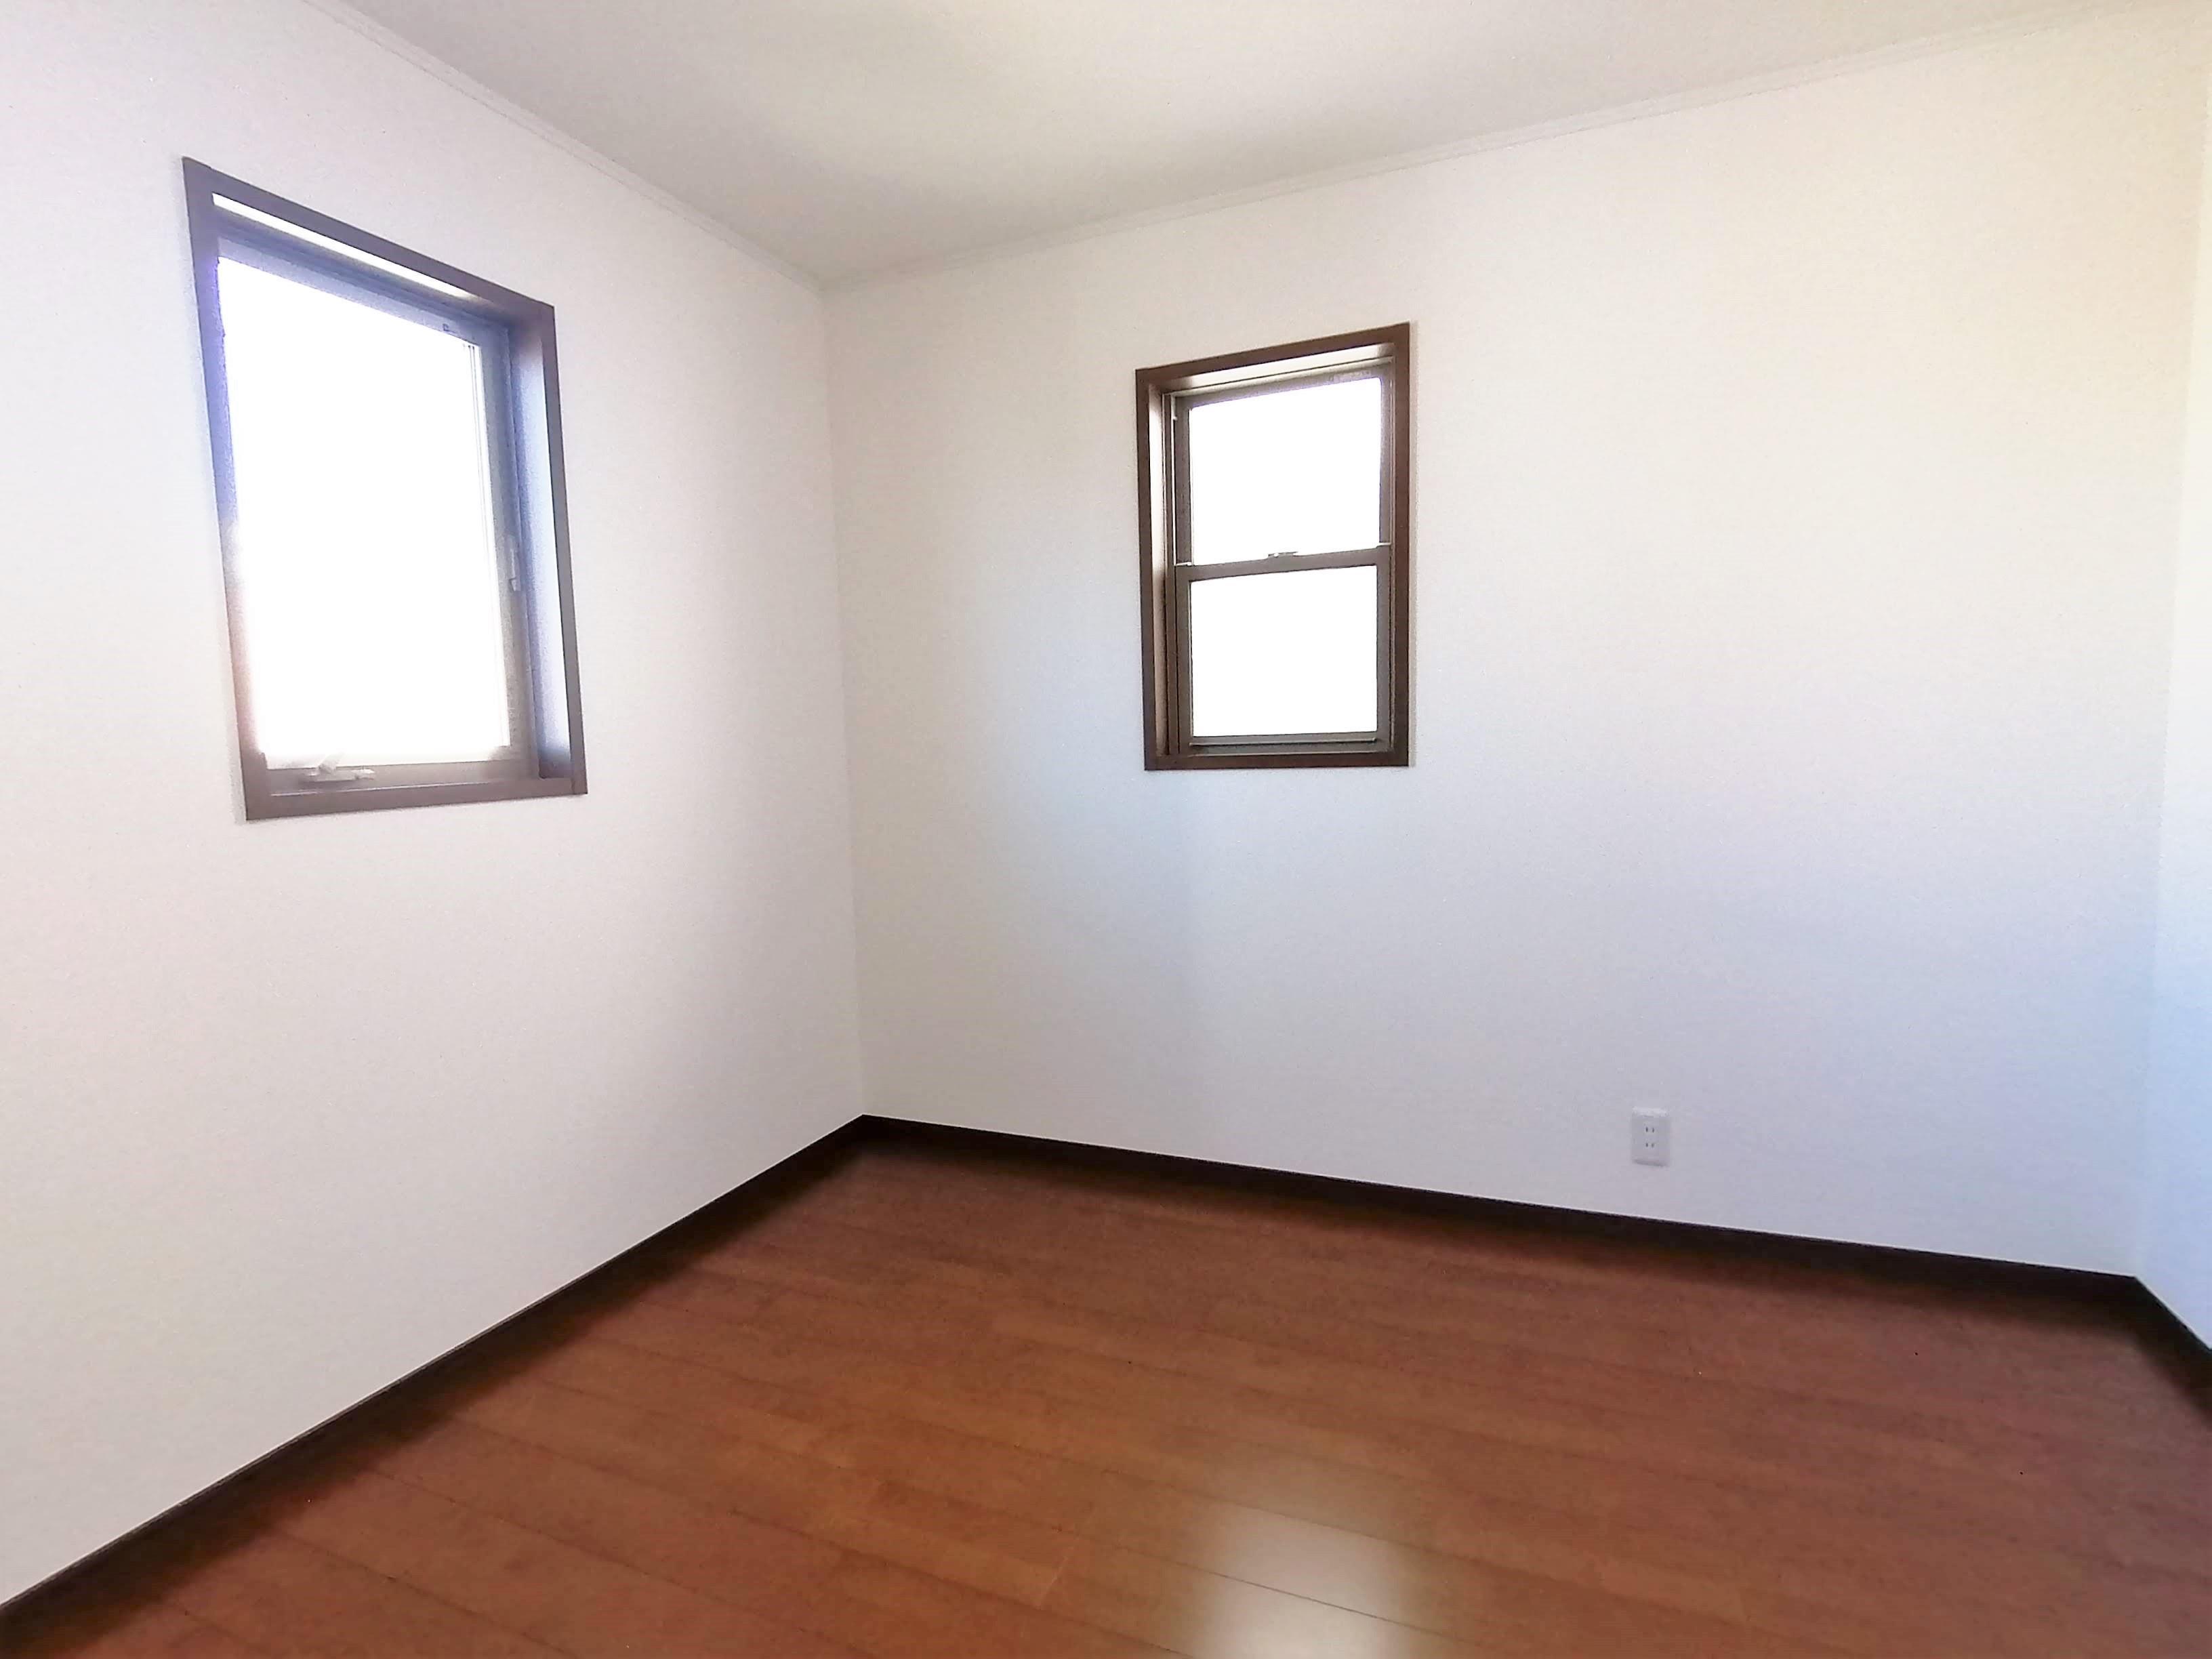 クローゼットを備えた収納力のあるお部屋です。